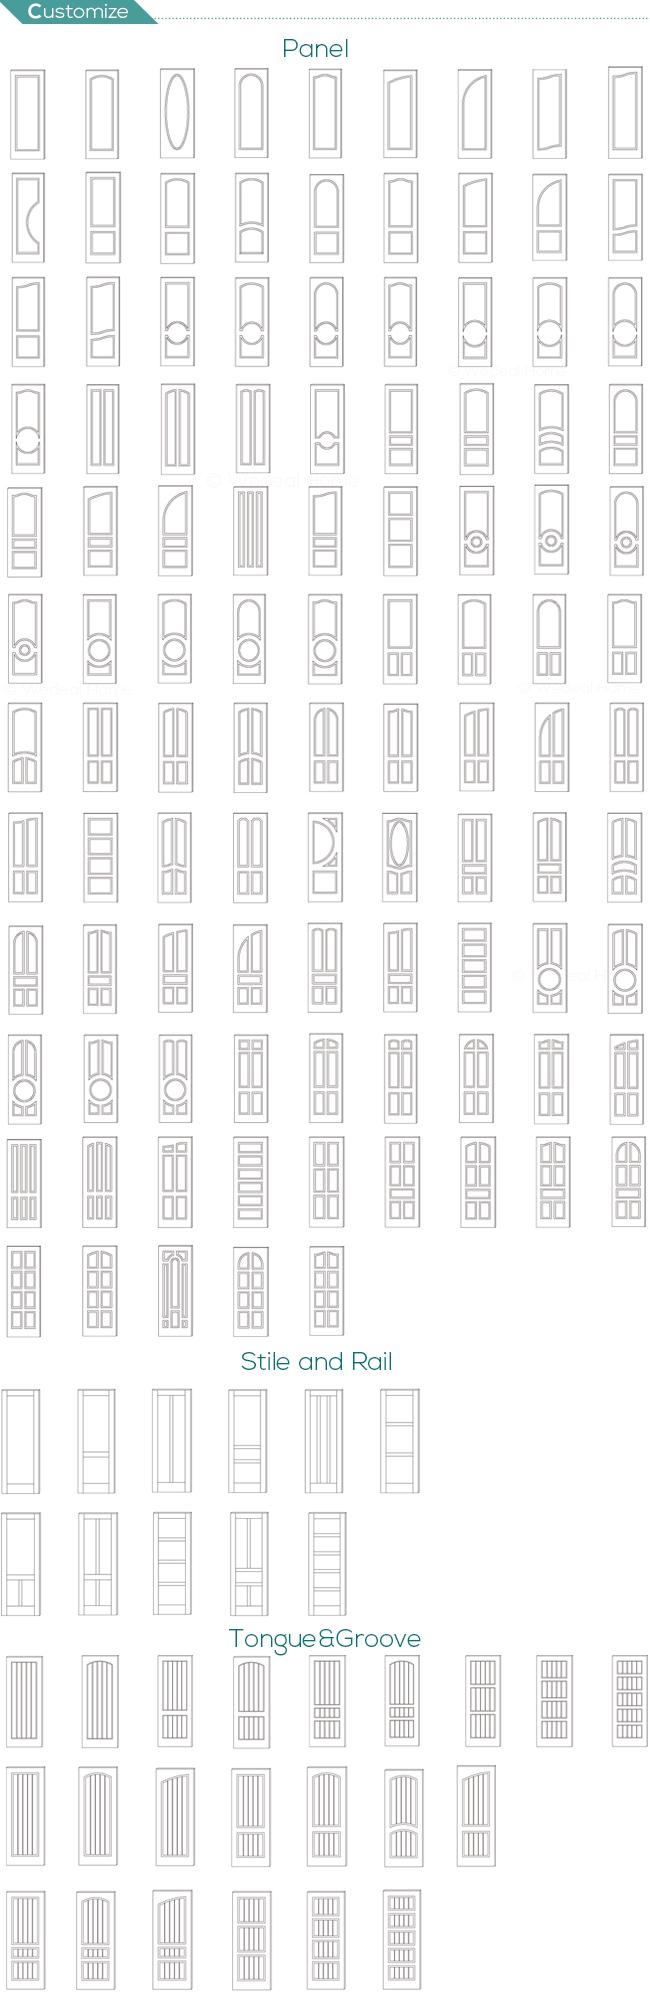 Bi-Folding Room MDF Door with Natural Veneer